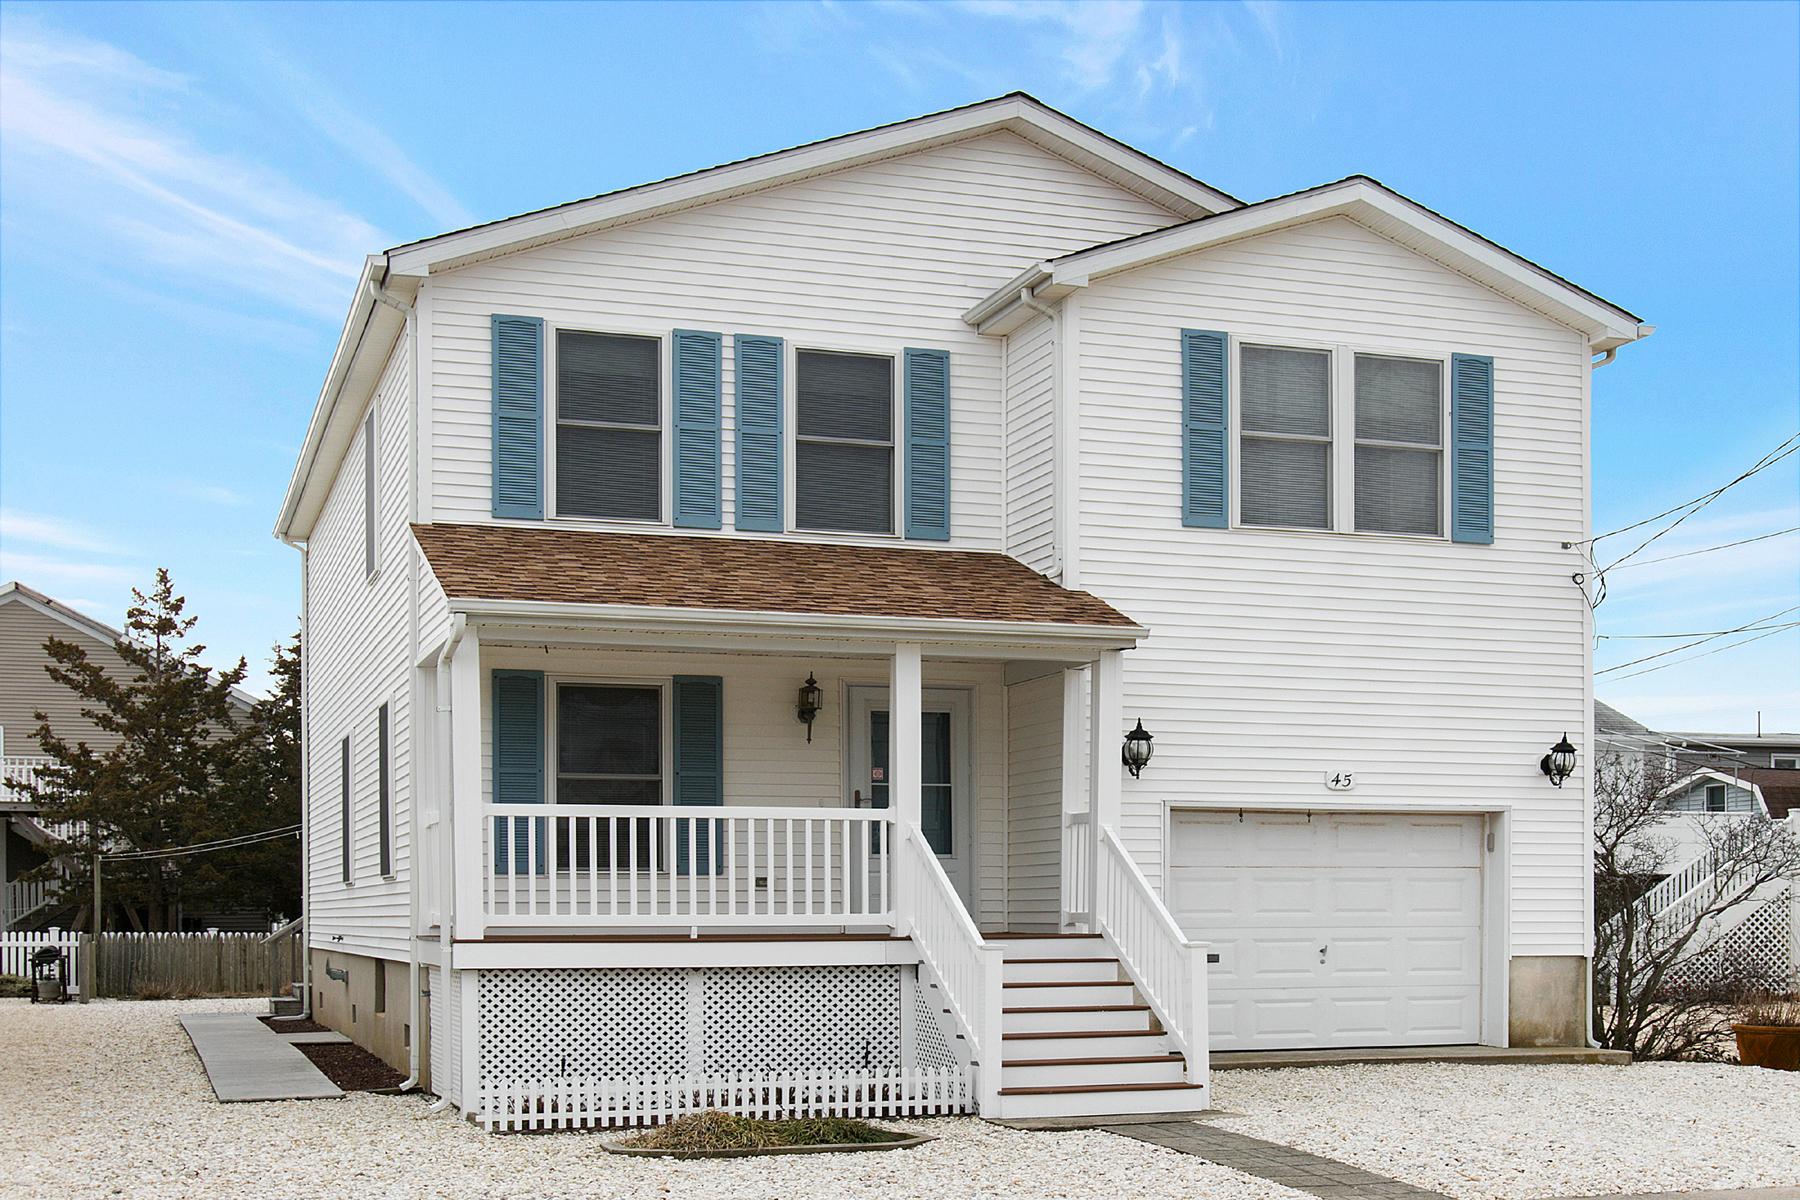 Maison unifamiliale pour l Vente à Immaculate Oceanblock Home 45 10th Avenue Seaside Park, New Jersey, 08752 États-Unis